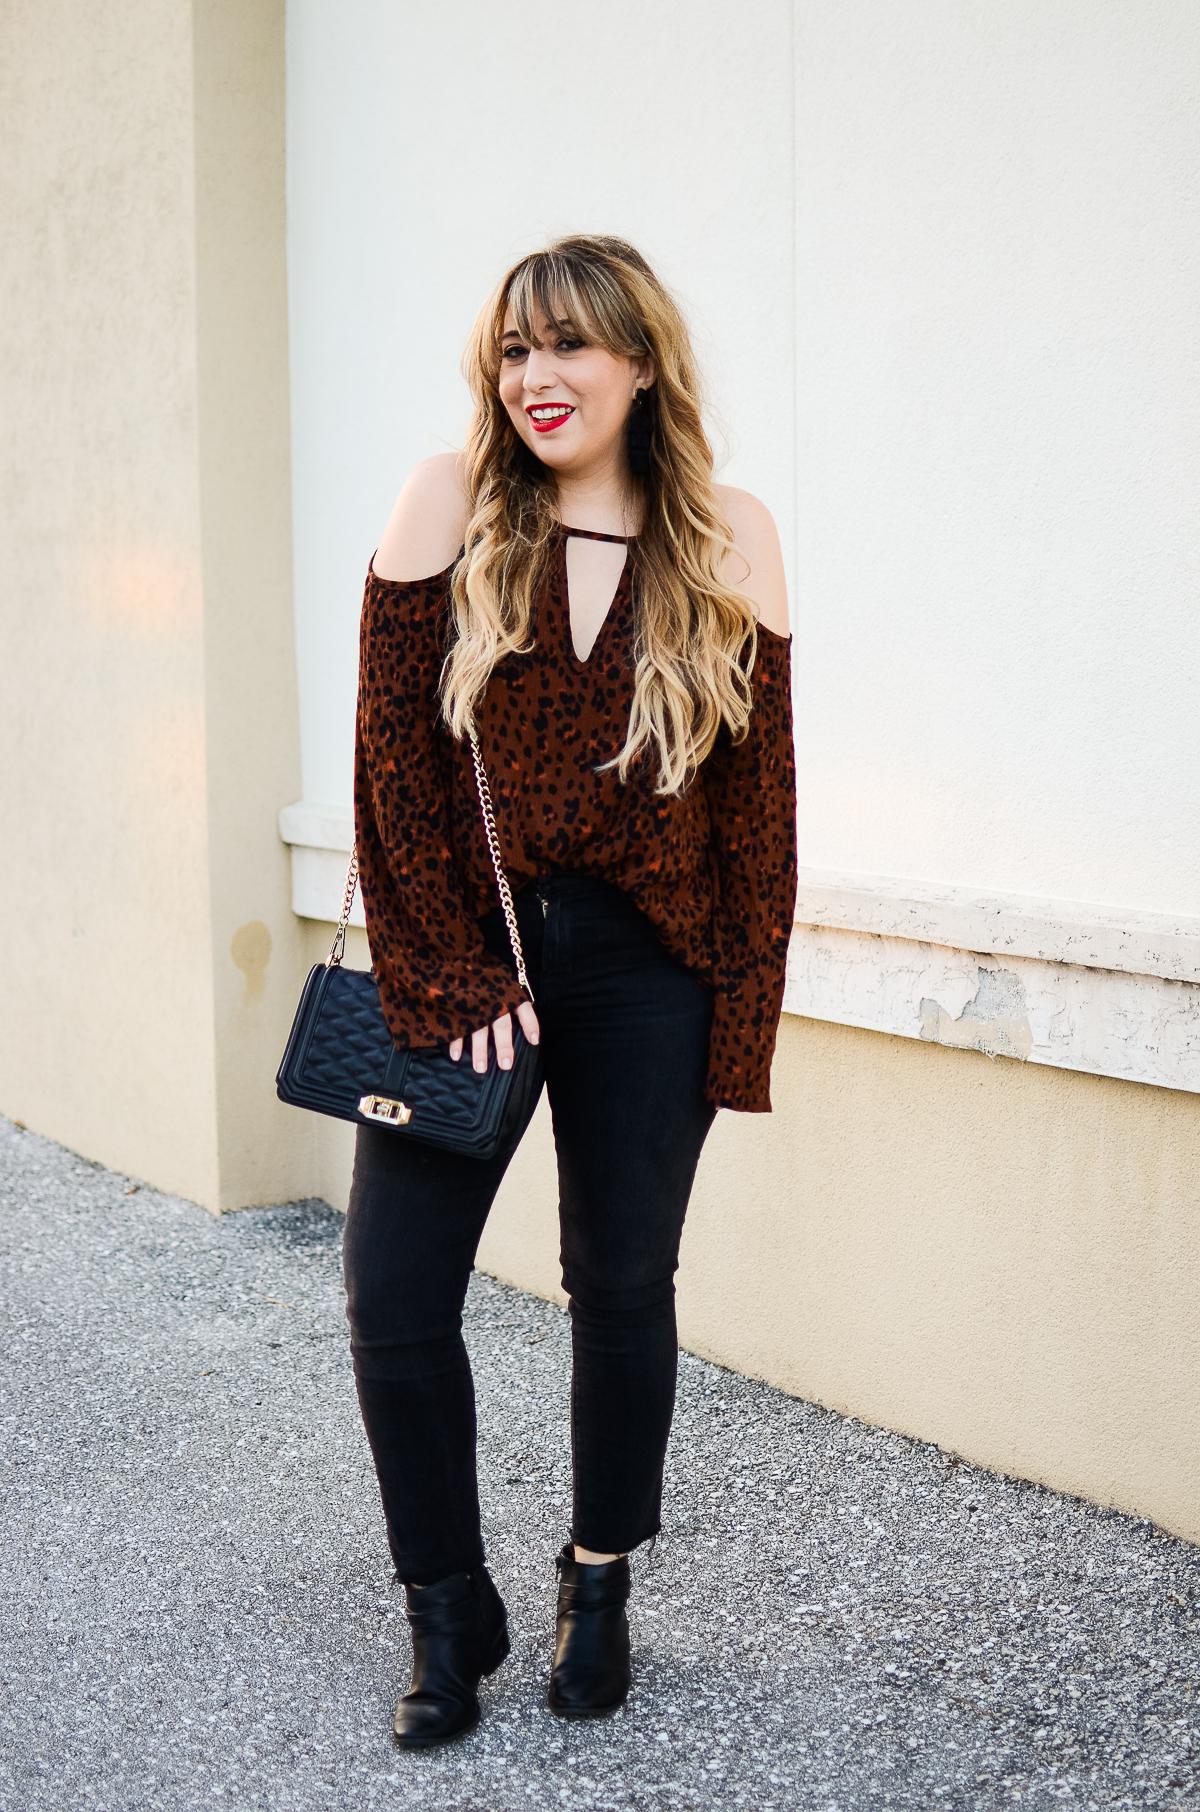 Leopard Cold Shoulder Top + Black Jeans